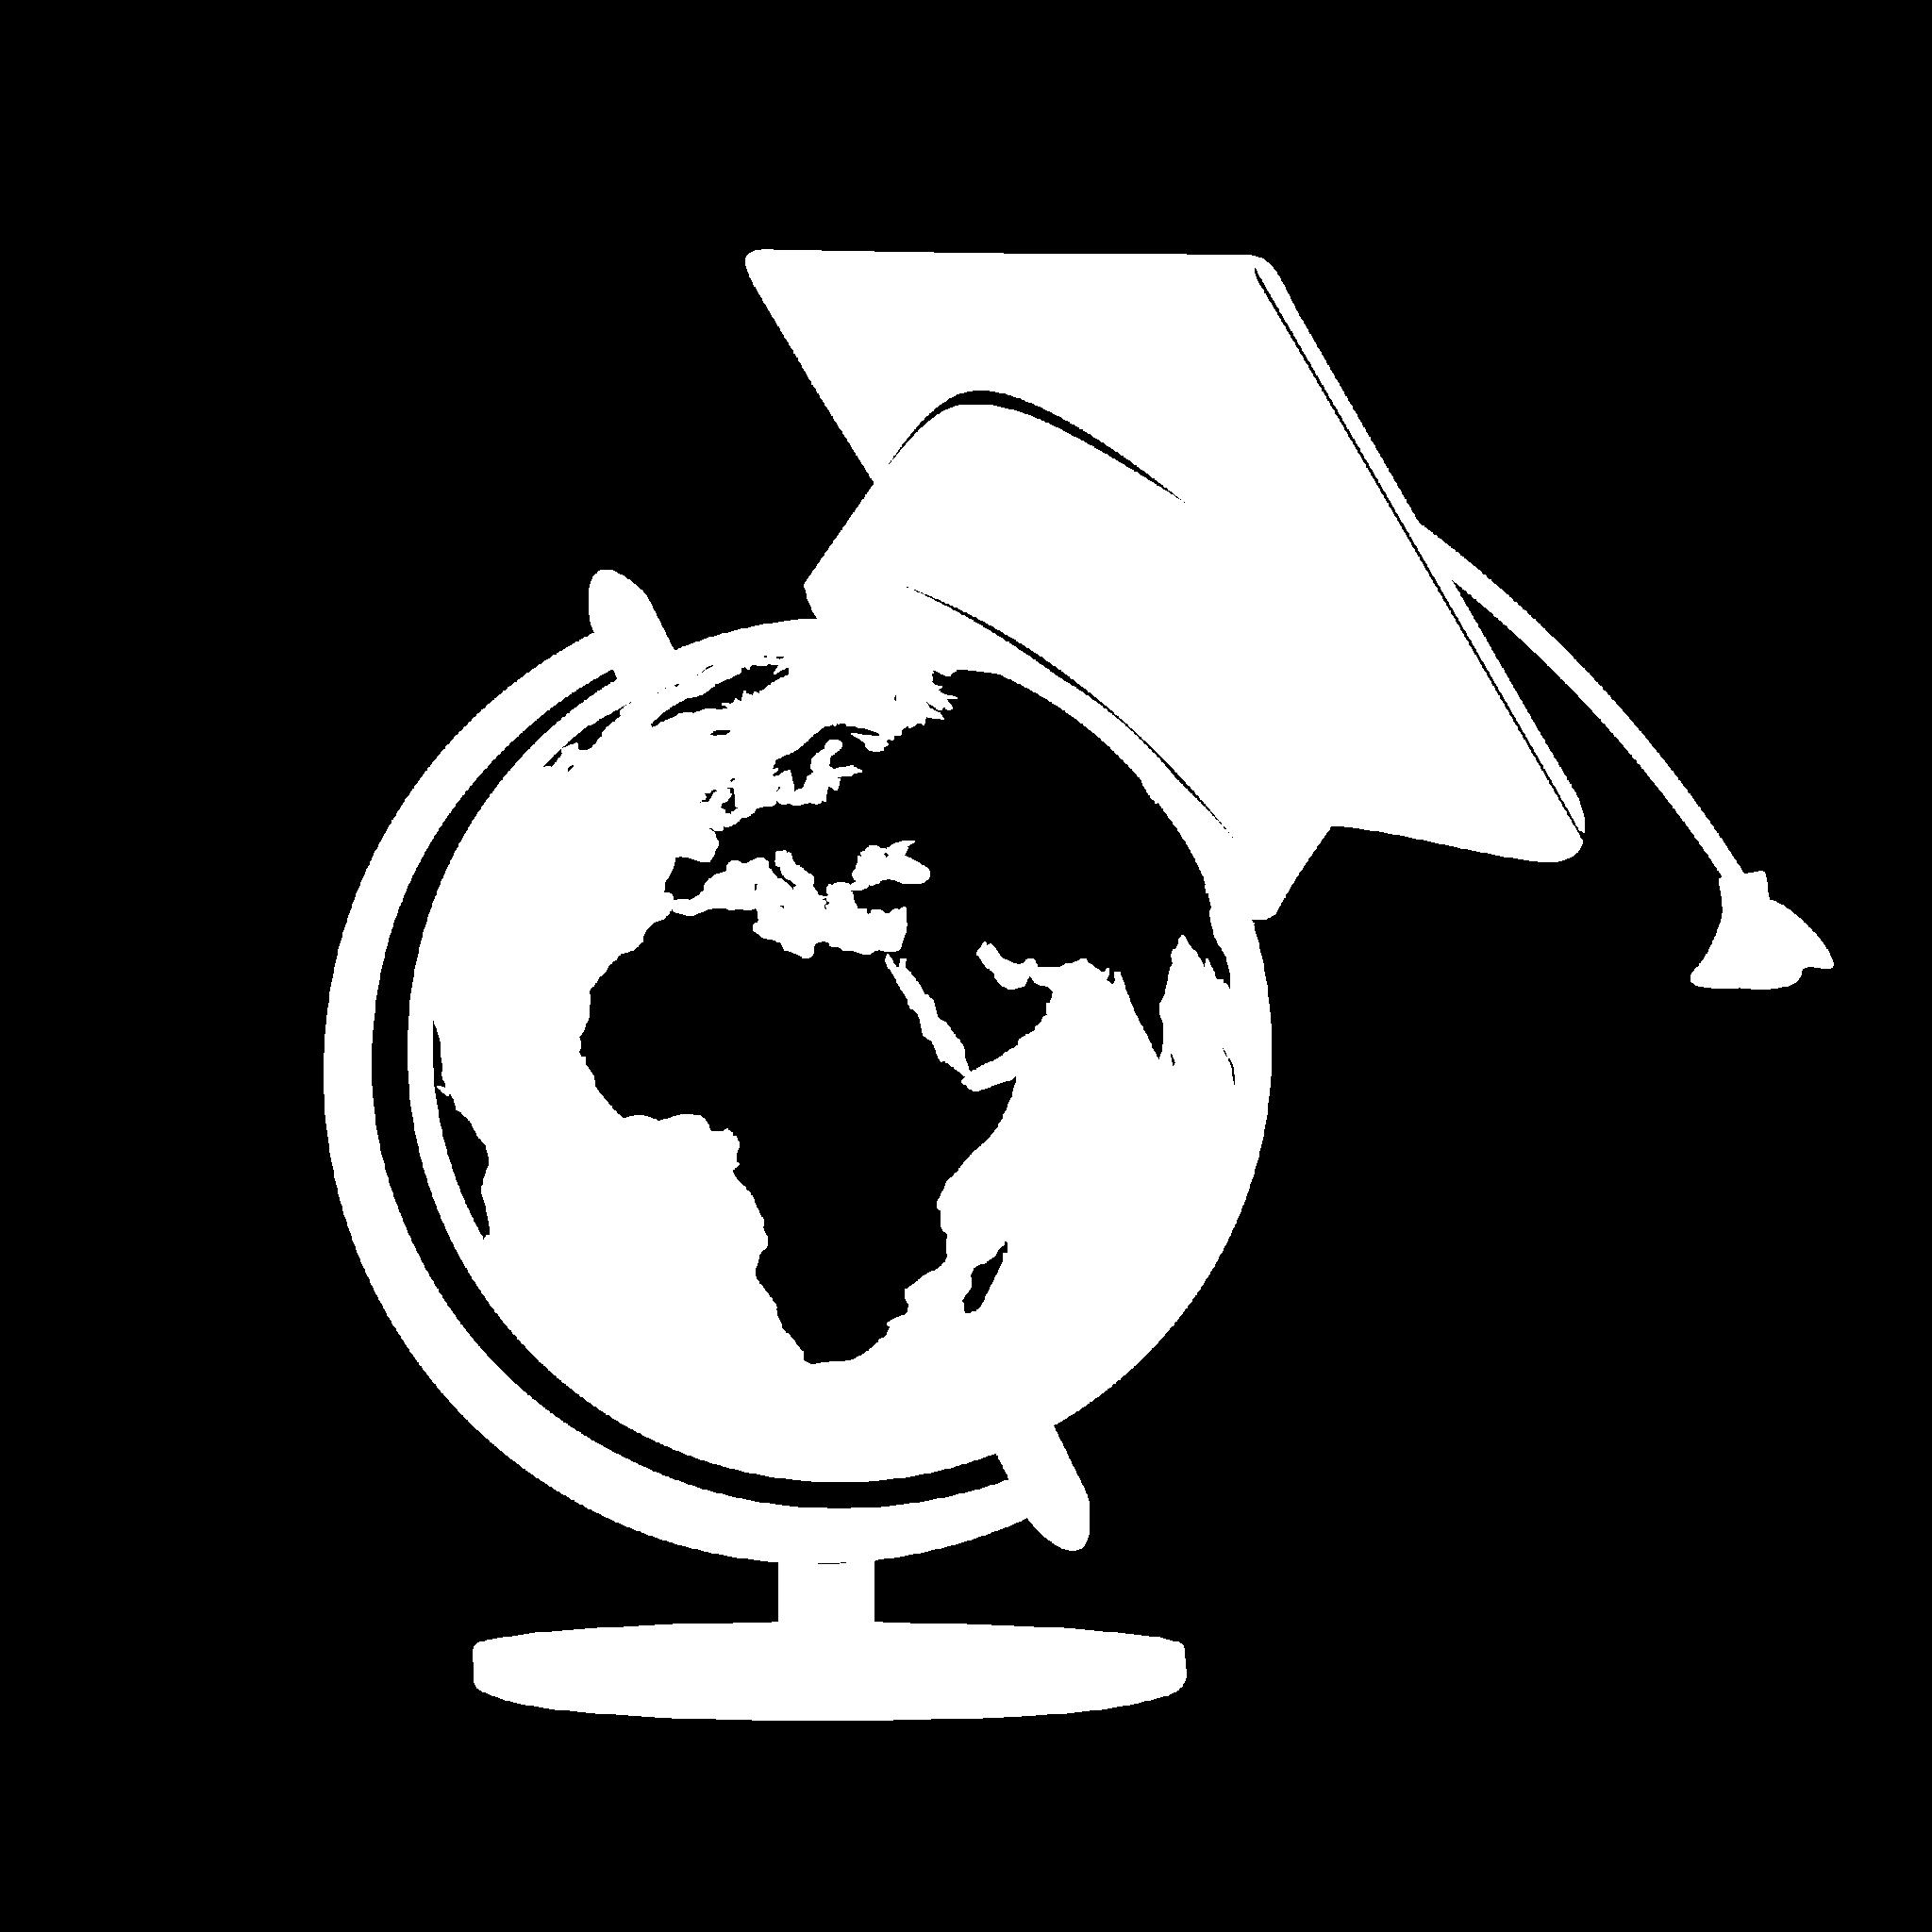 Lernfähigkeit in leichter Sprache testen unabhängig von Sprachniveau, Herkunftsland oder Geschlecht